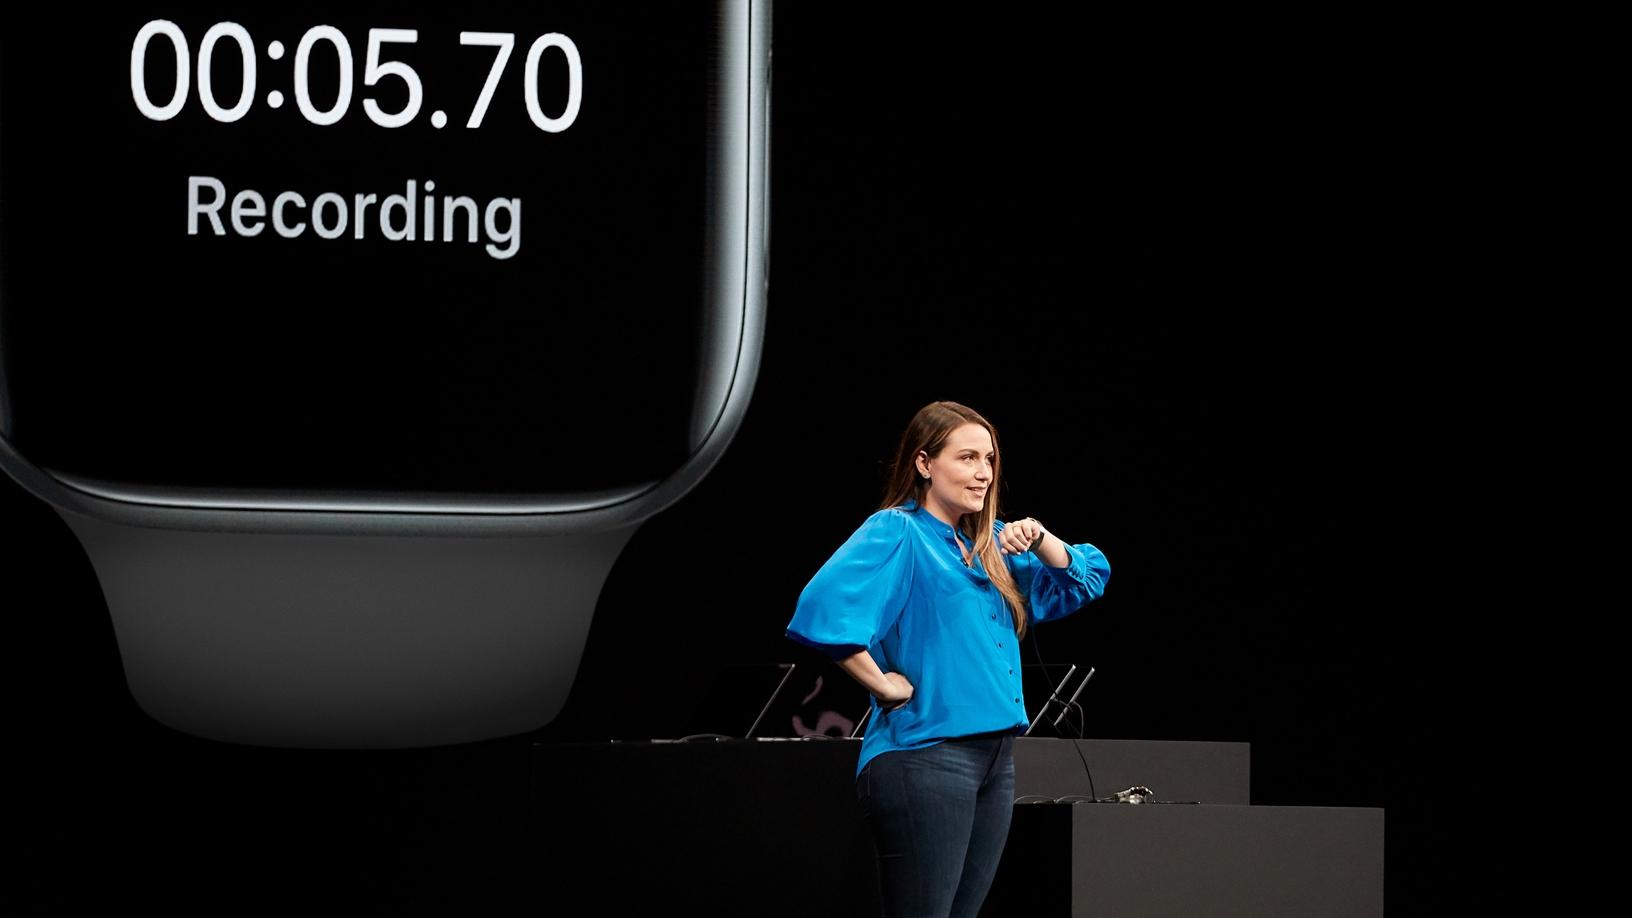 Apple demonstrerar Apple Watch på scen.